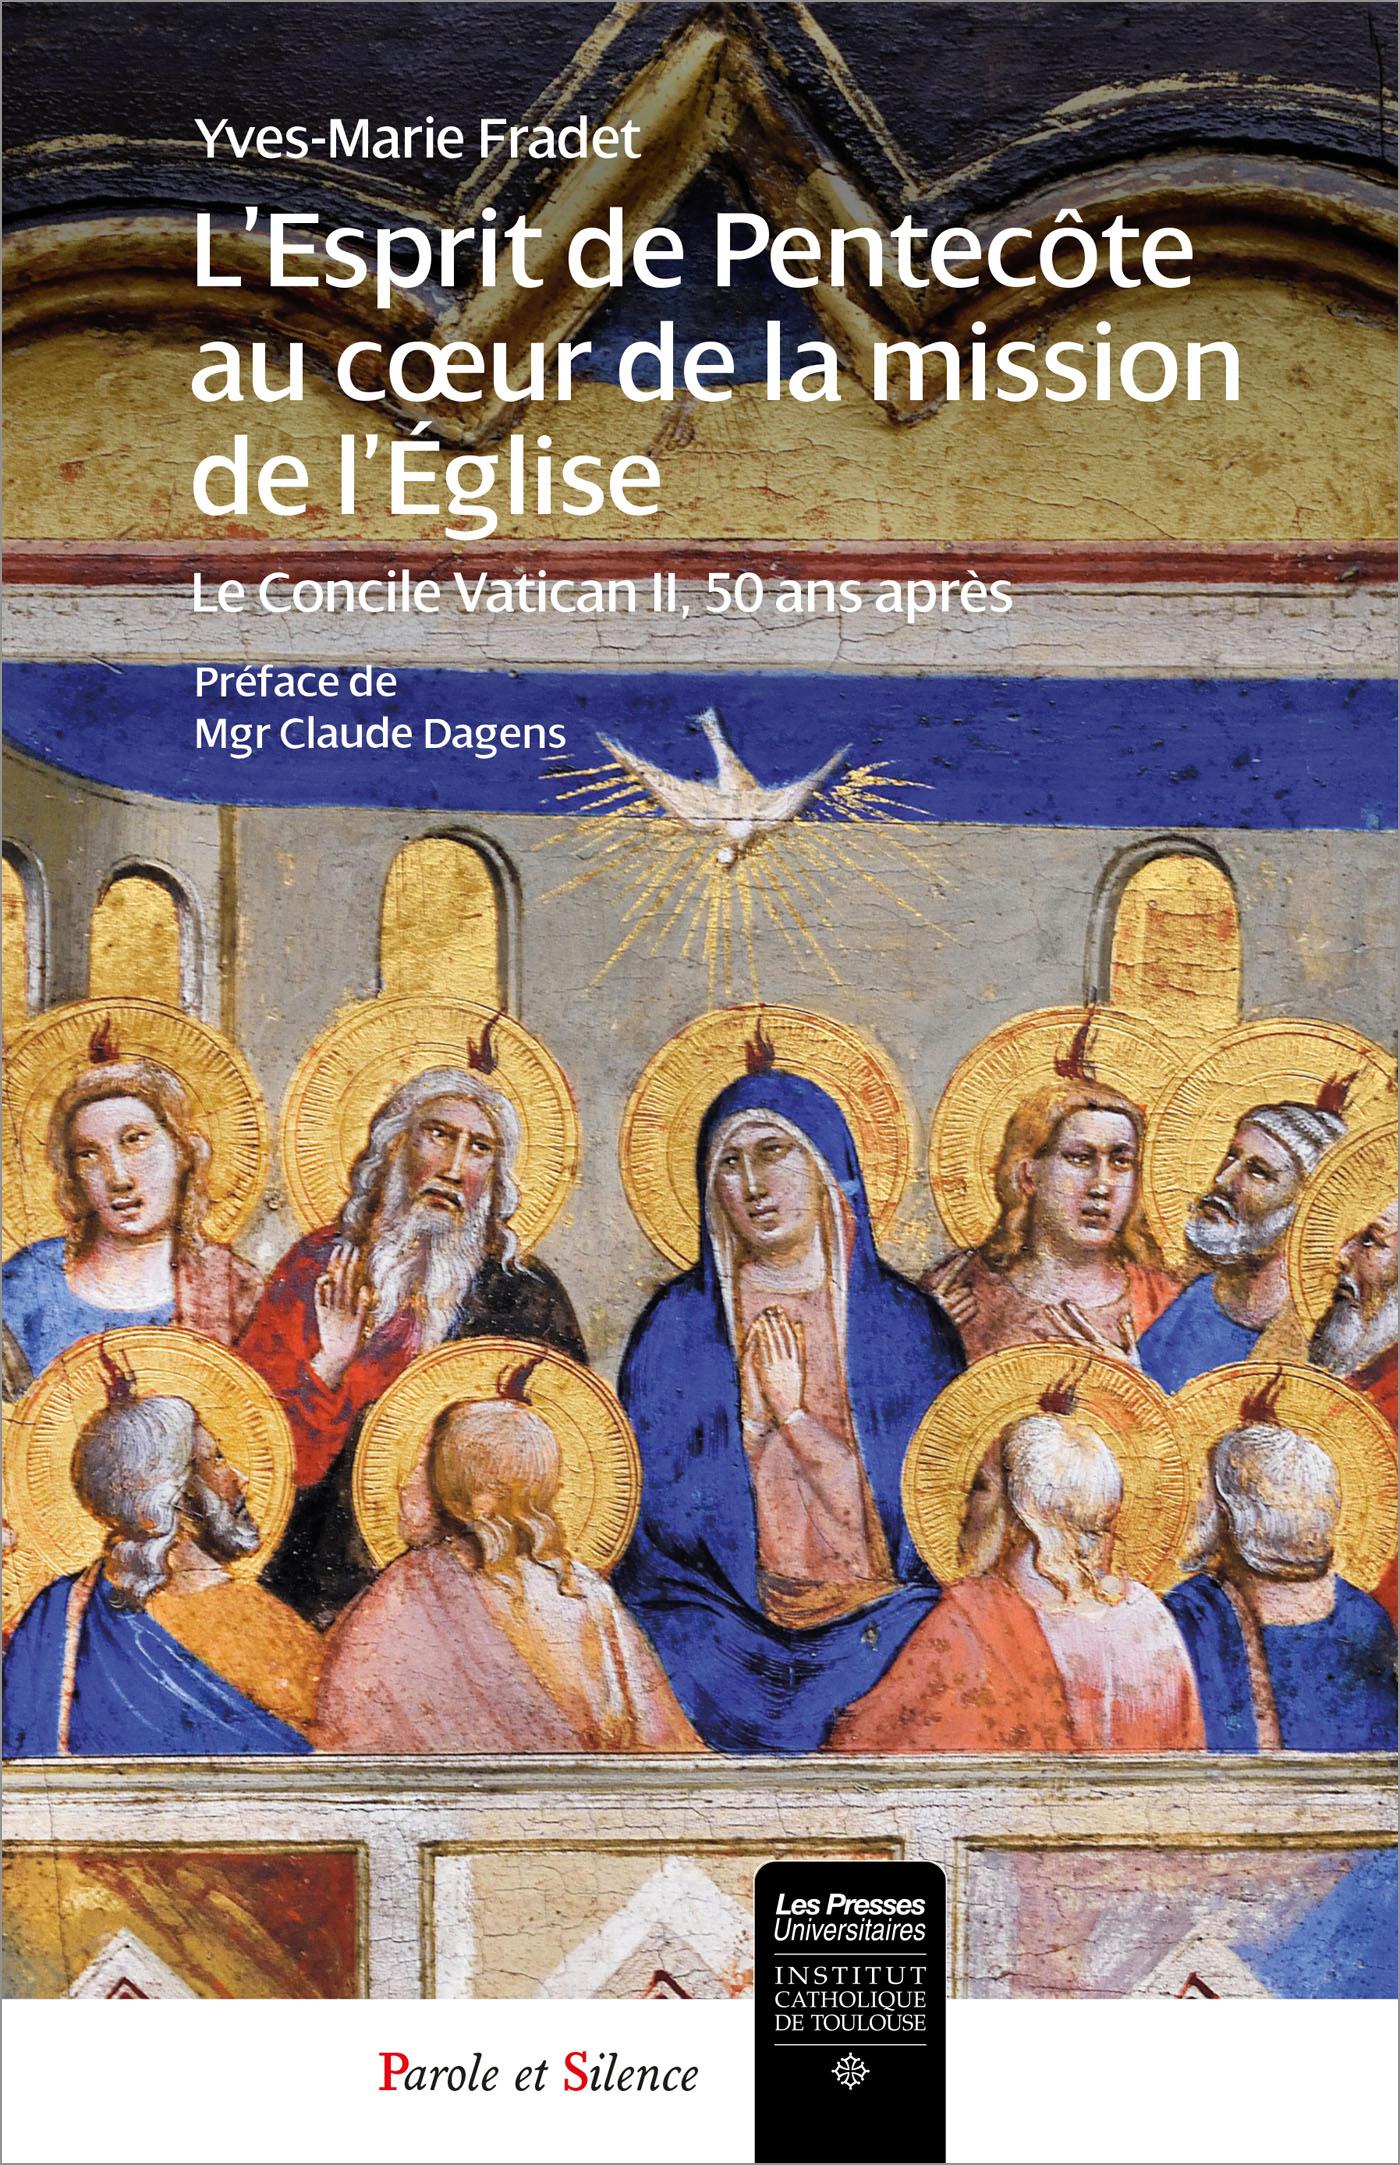 L'Esprit de Pentecôte au coeur de la Mission de l'Eglise